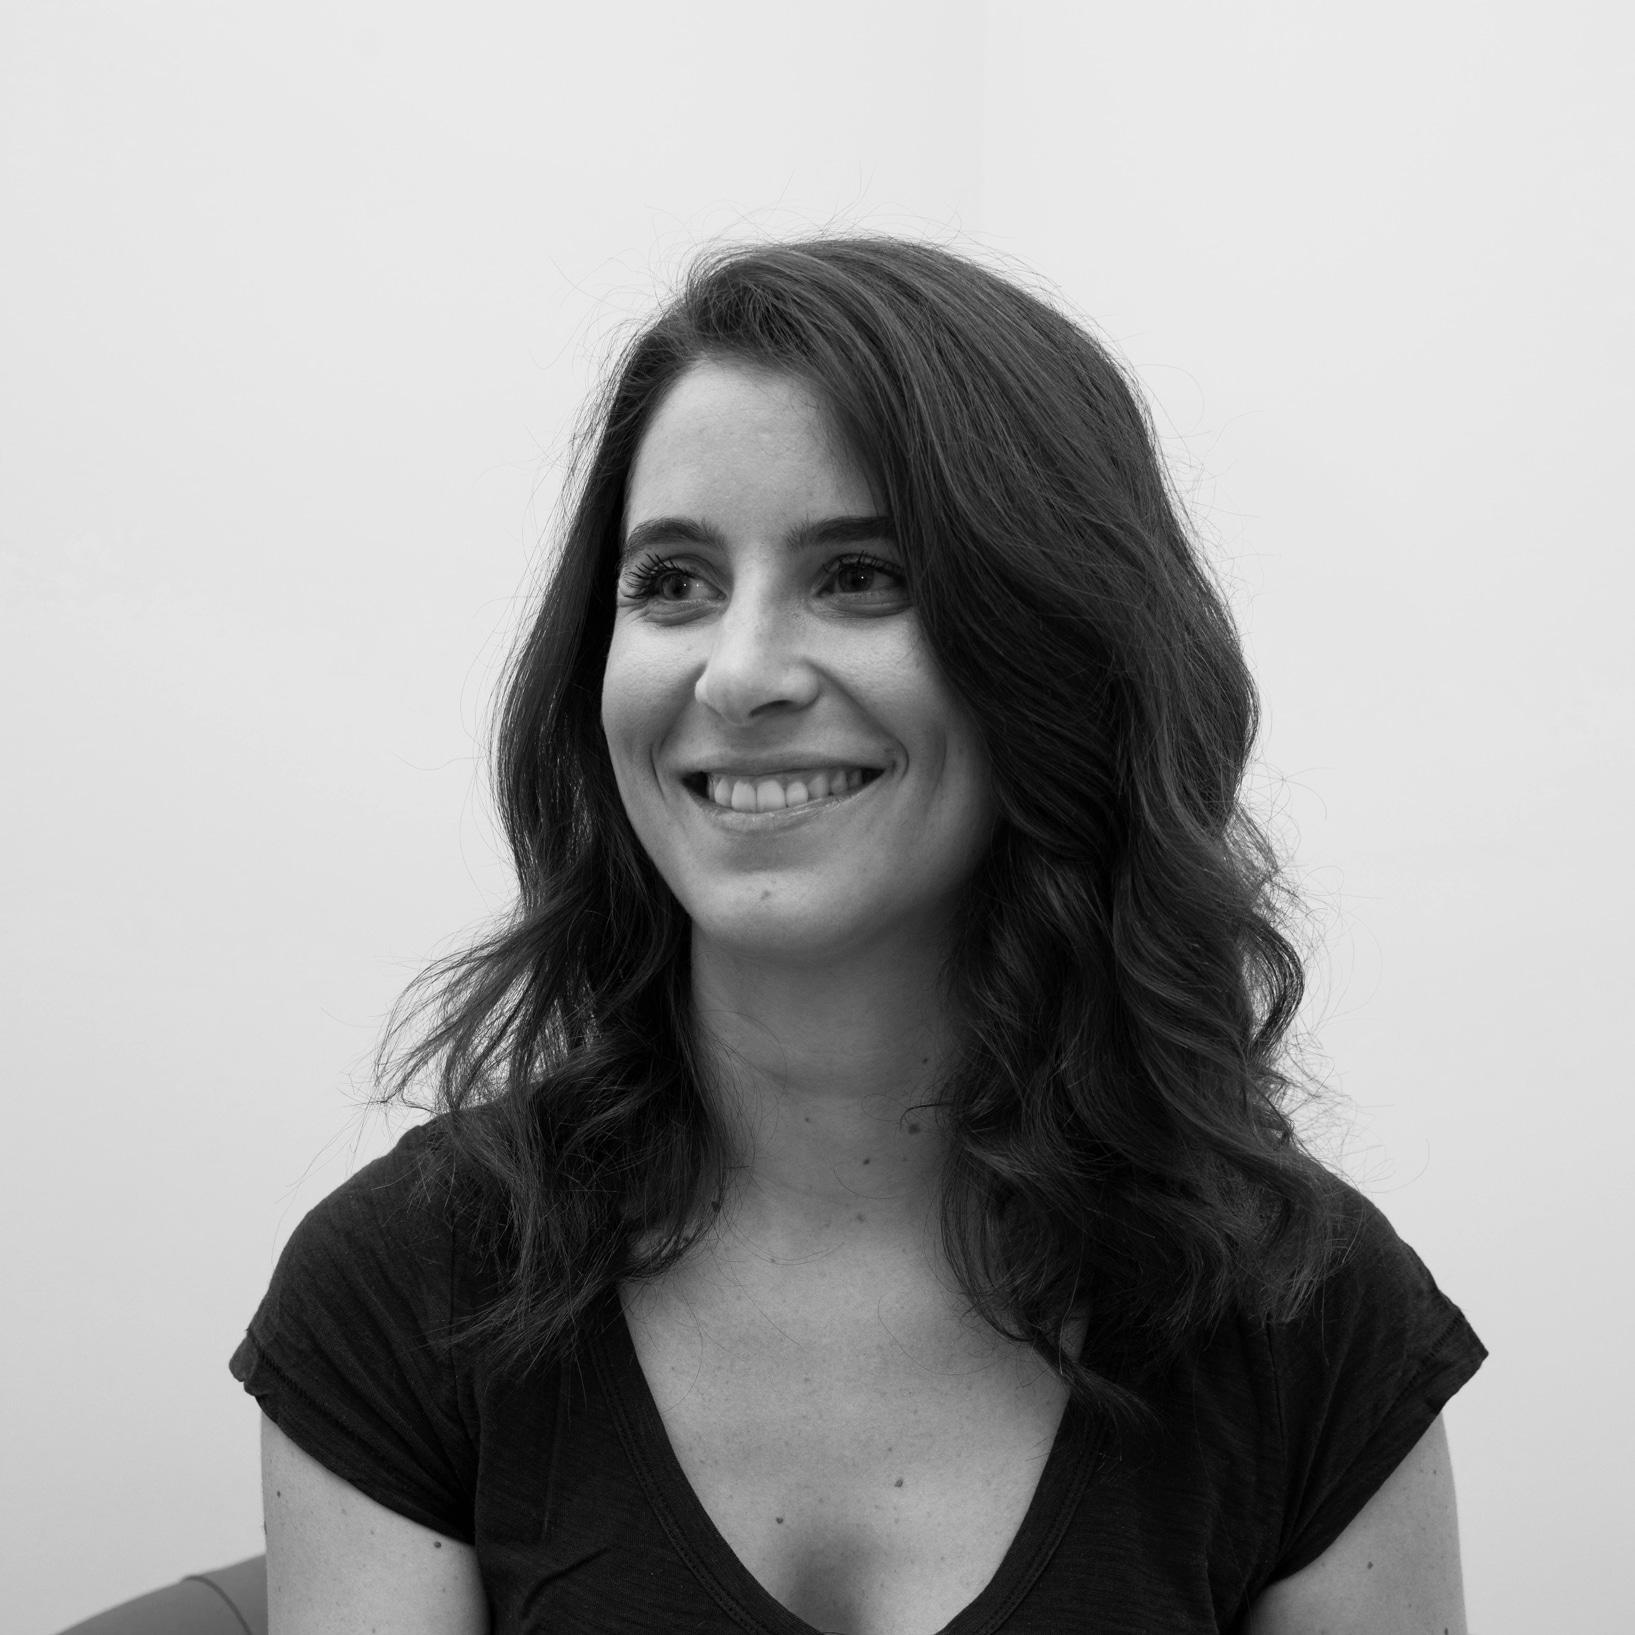 Stefania Bertoli | Istituto di Mediazione familiare e sociale di Brescia